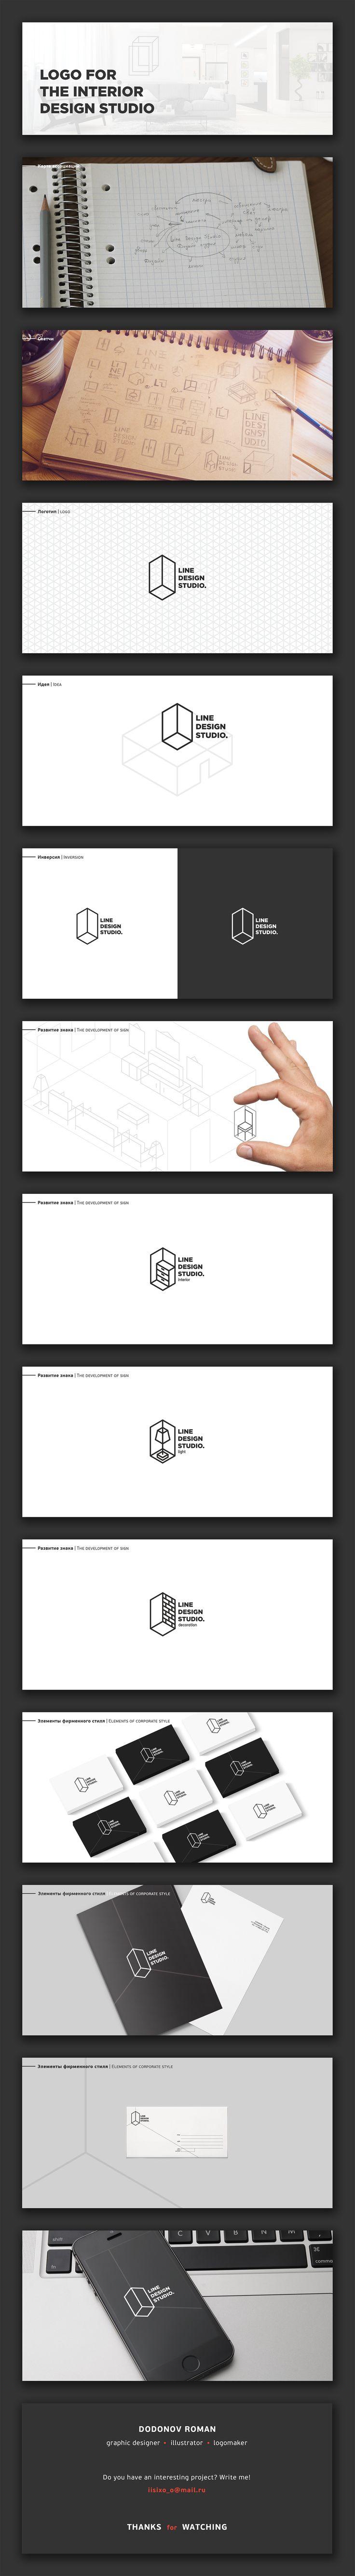 Logo for the interior design studio on Behance